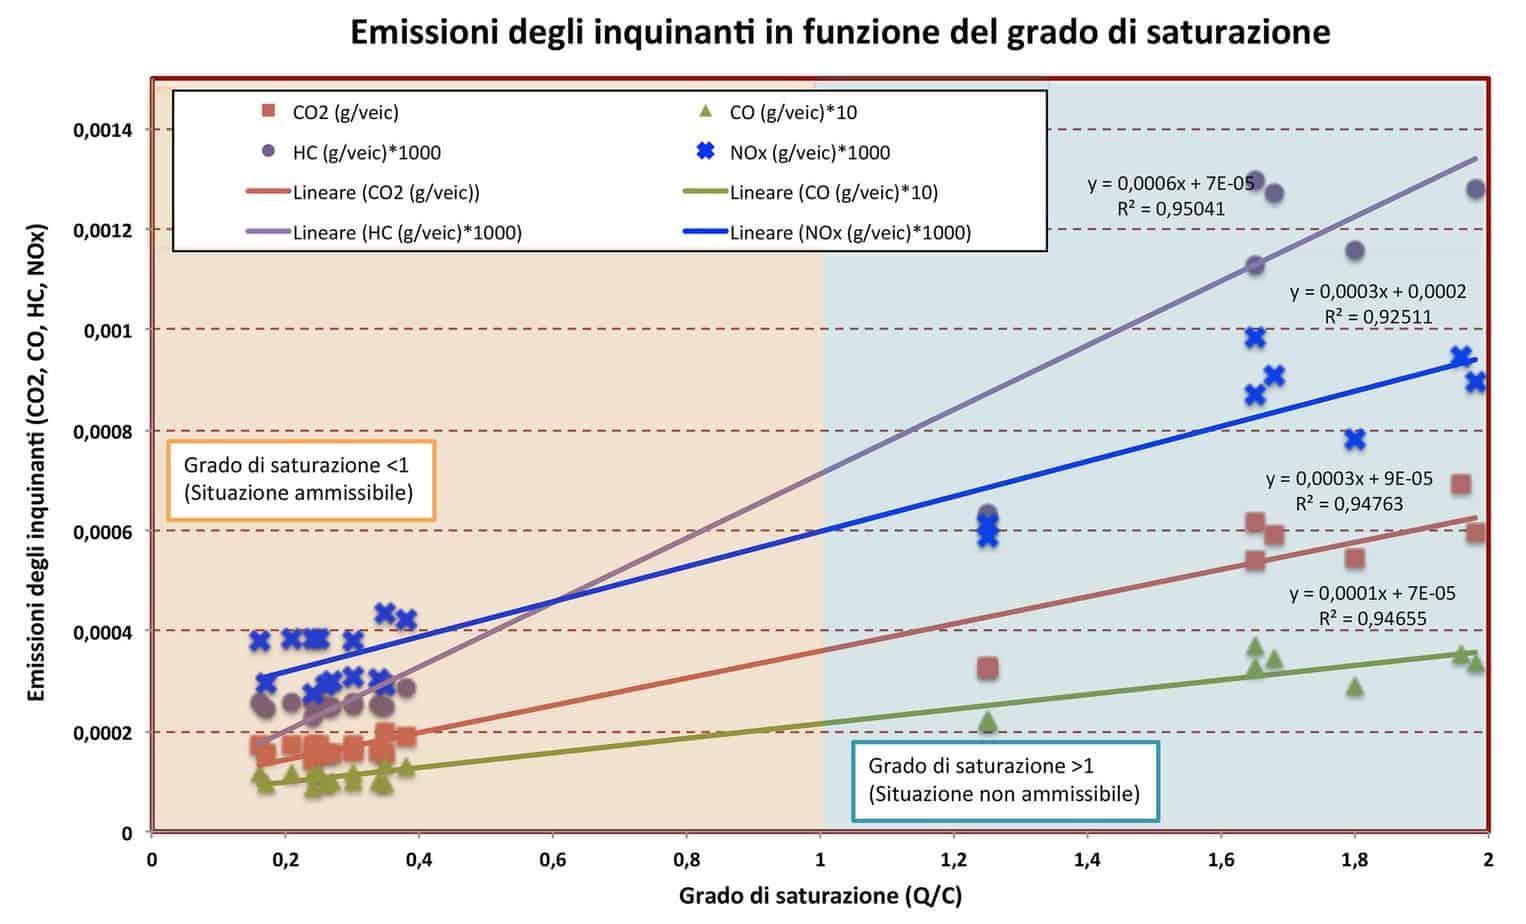 Le emissioni di inquinanti in funzione del grado di saturazione